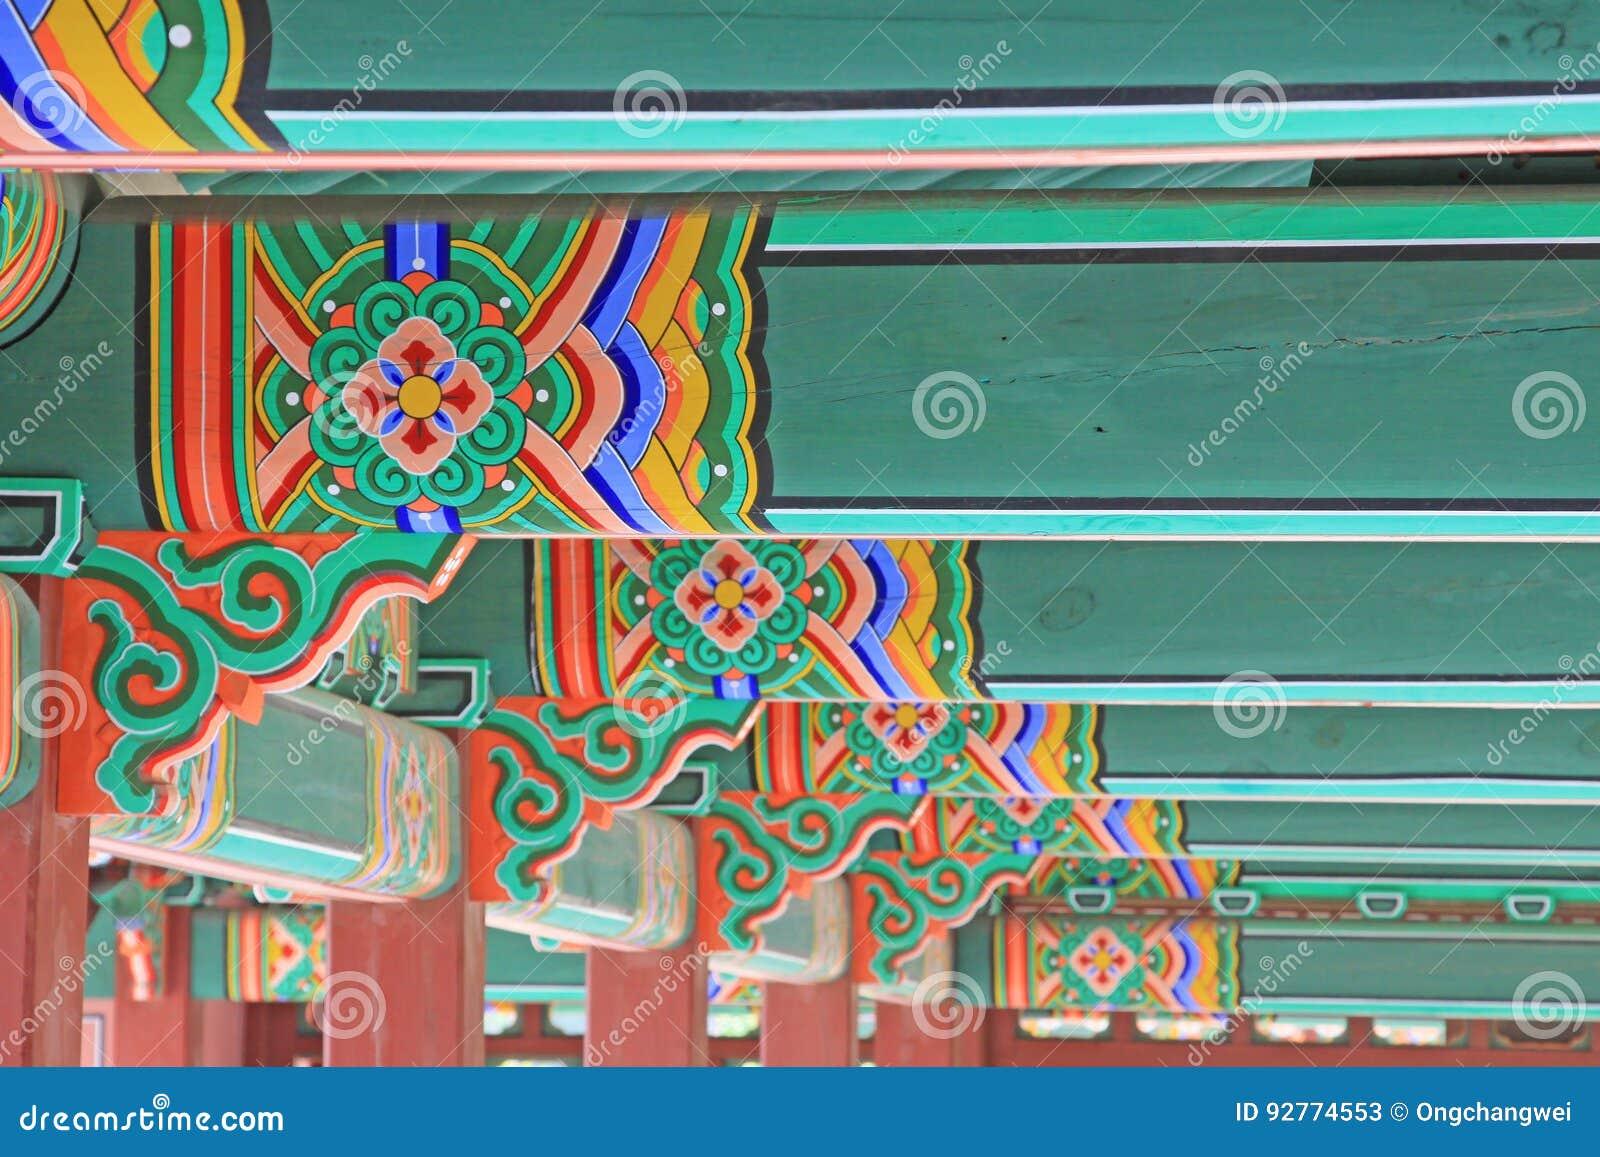 Korea Roof Beam Wood Painting